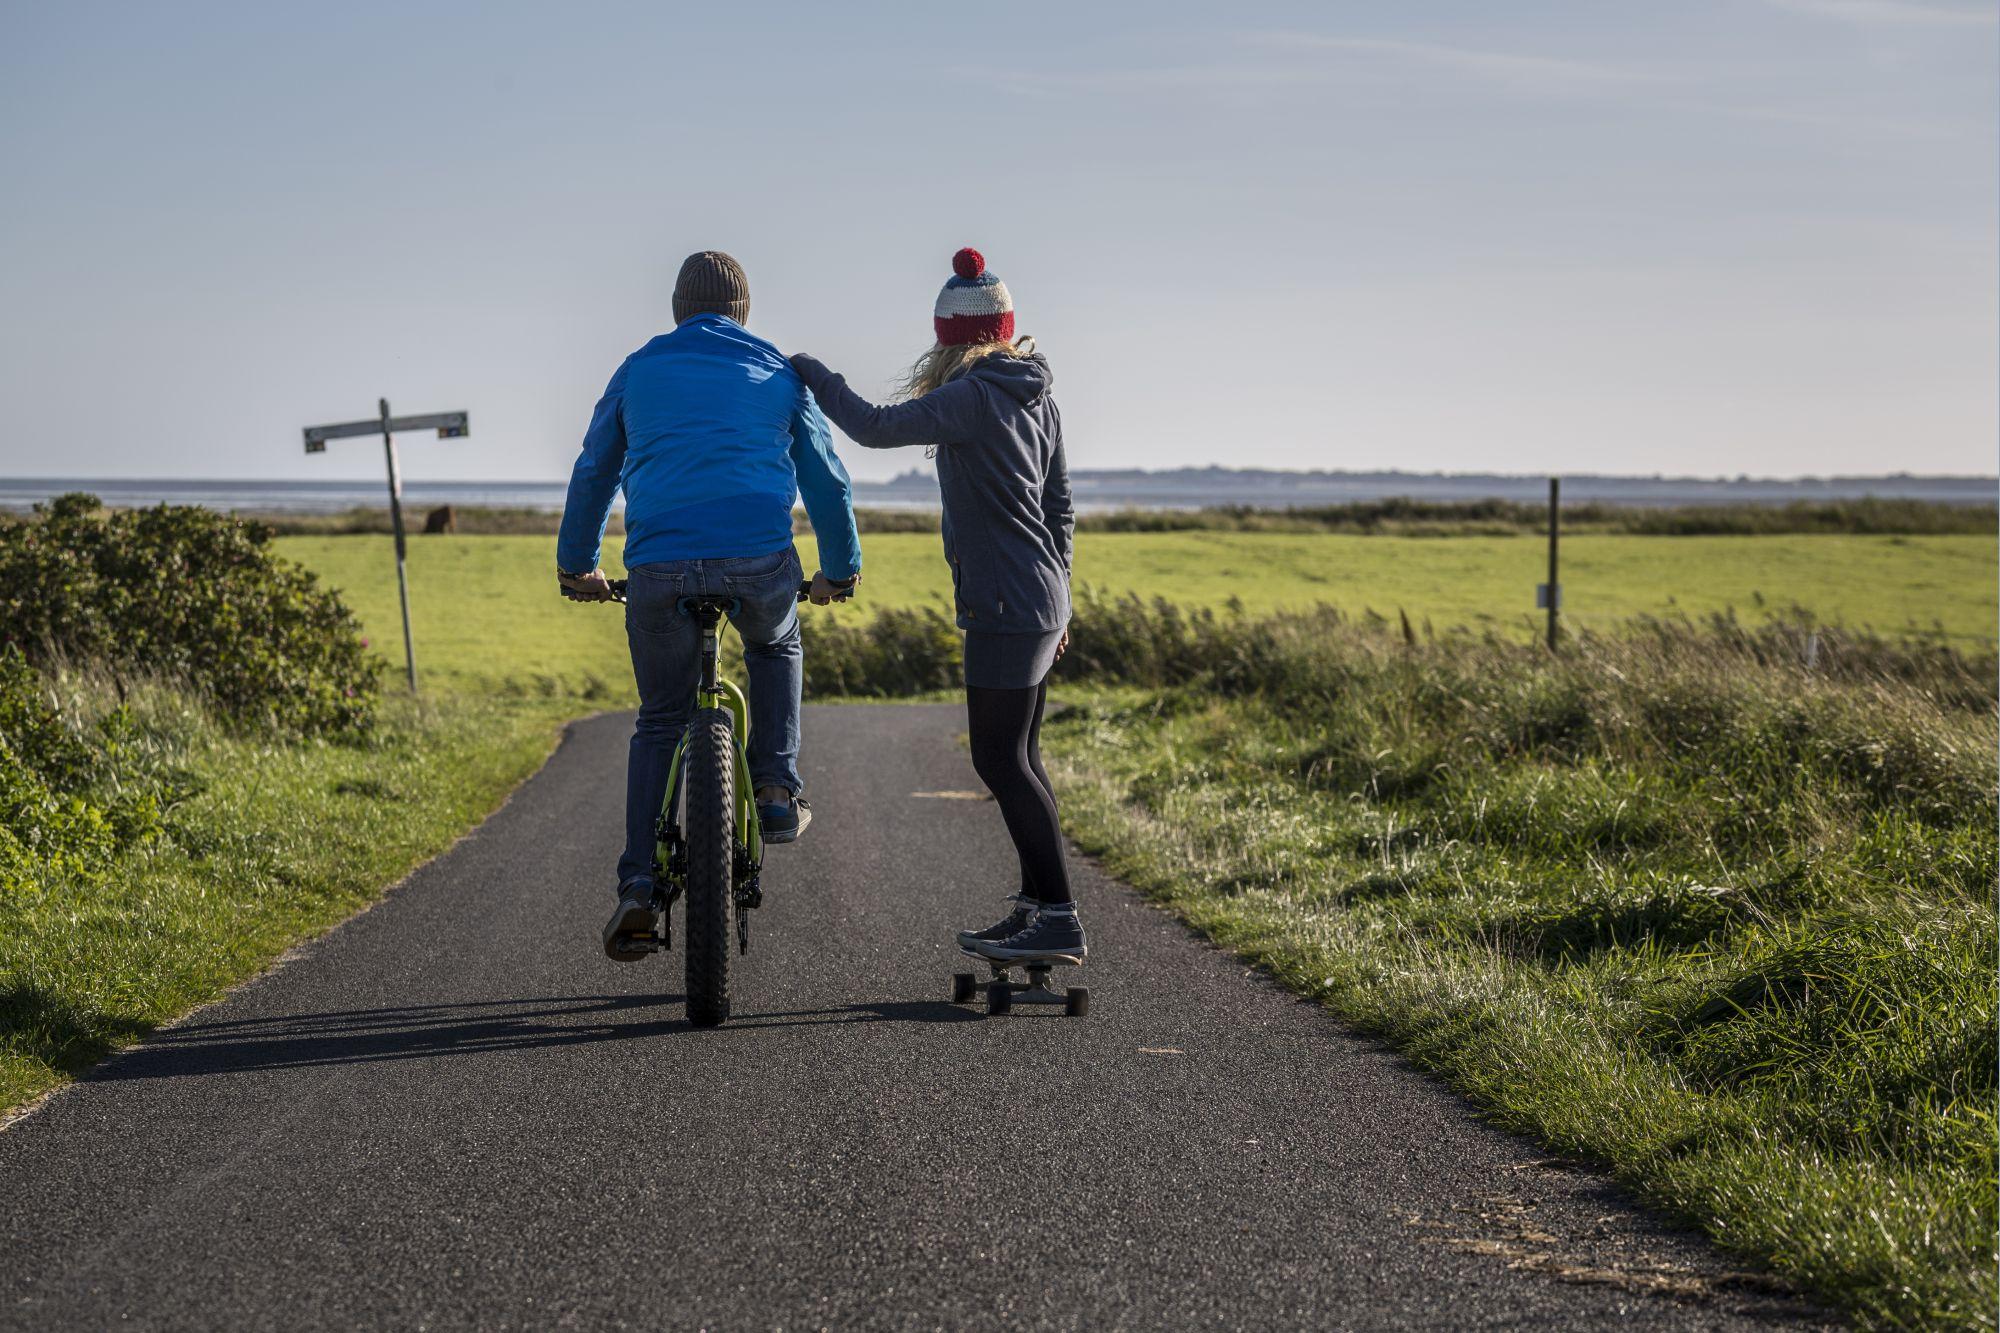 Jazda po doskonałych szlakach rowerowych to przyjemność (fot. TA.SH / JAN-CHRISTOPH SCHULTCHEN)